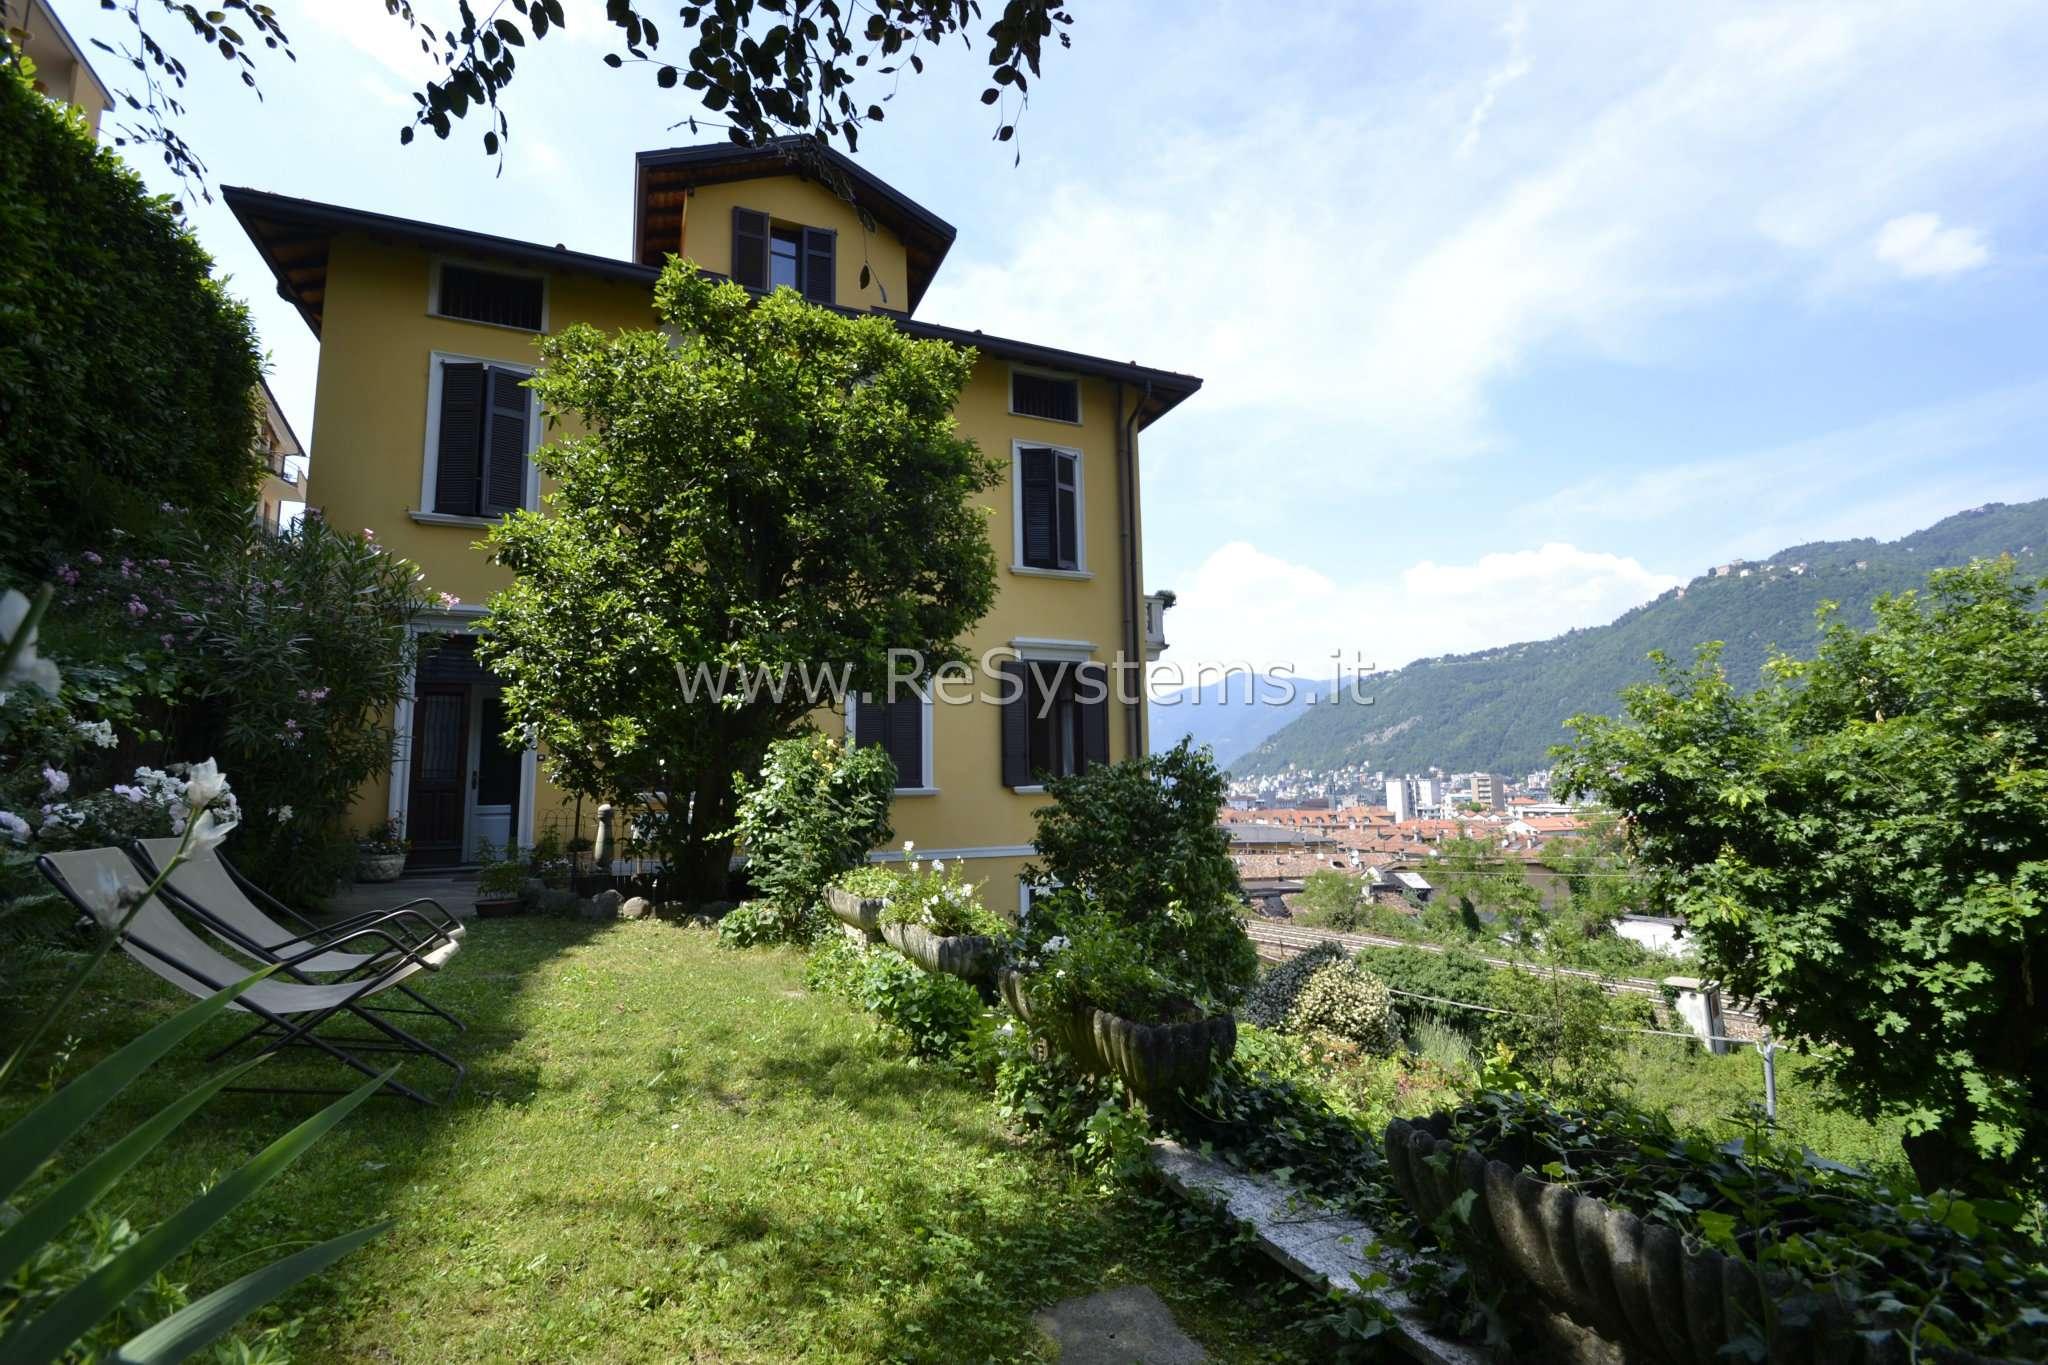 Soluzione Indipendente in vendita a Como, 4 locali, zona Zona: 5 . Borghi, prezzo € 490.000 | CambioCasa.it